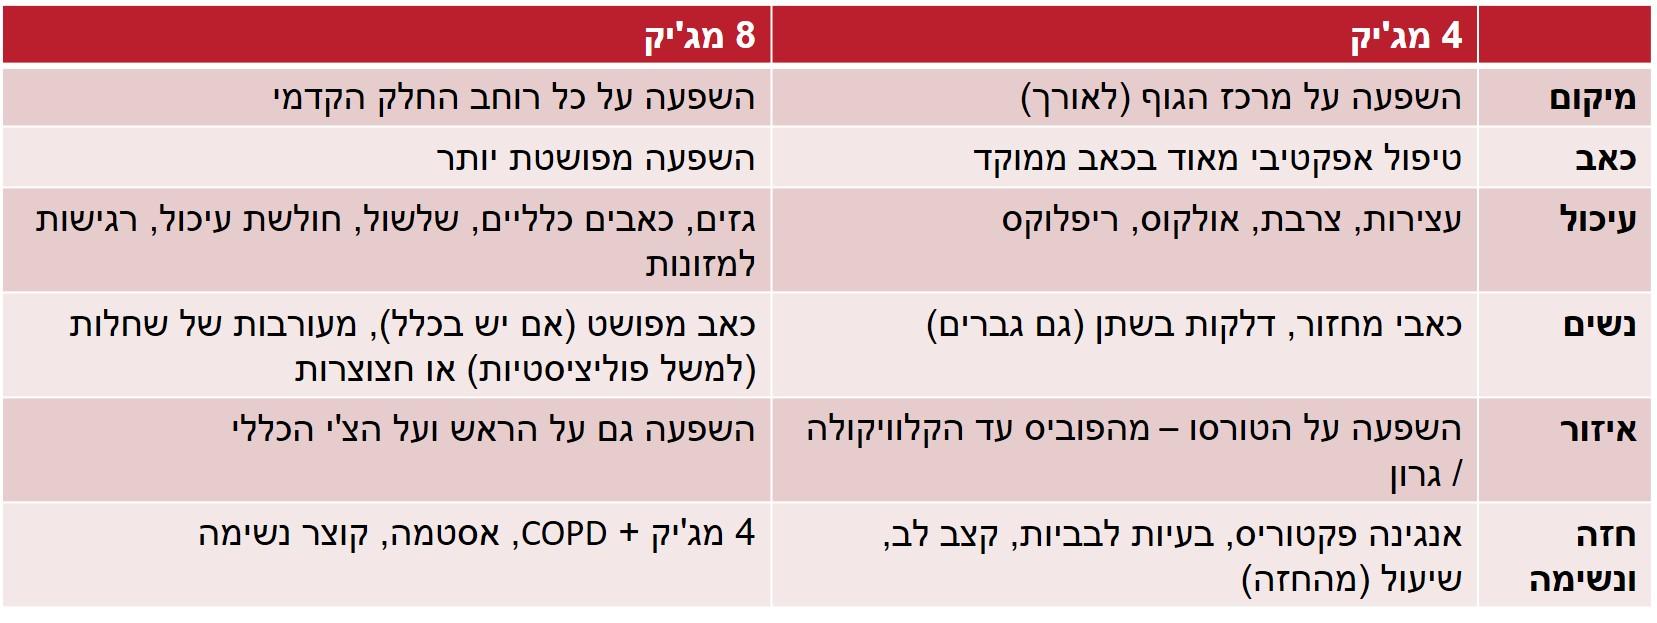 """הבדלים בין אסטרטגיית """"4 מג'יק"""" לבין פרוטוקול """"8 מג'יק"""""""